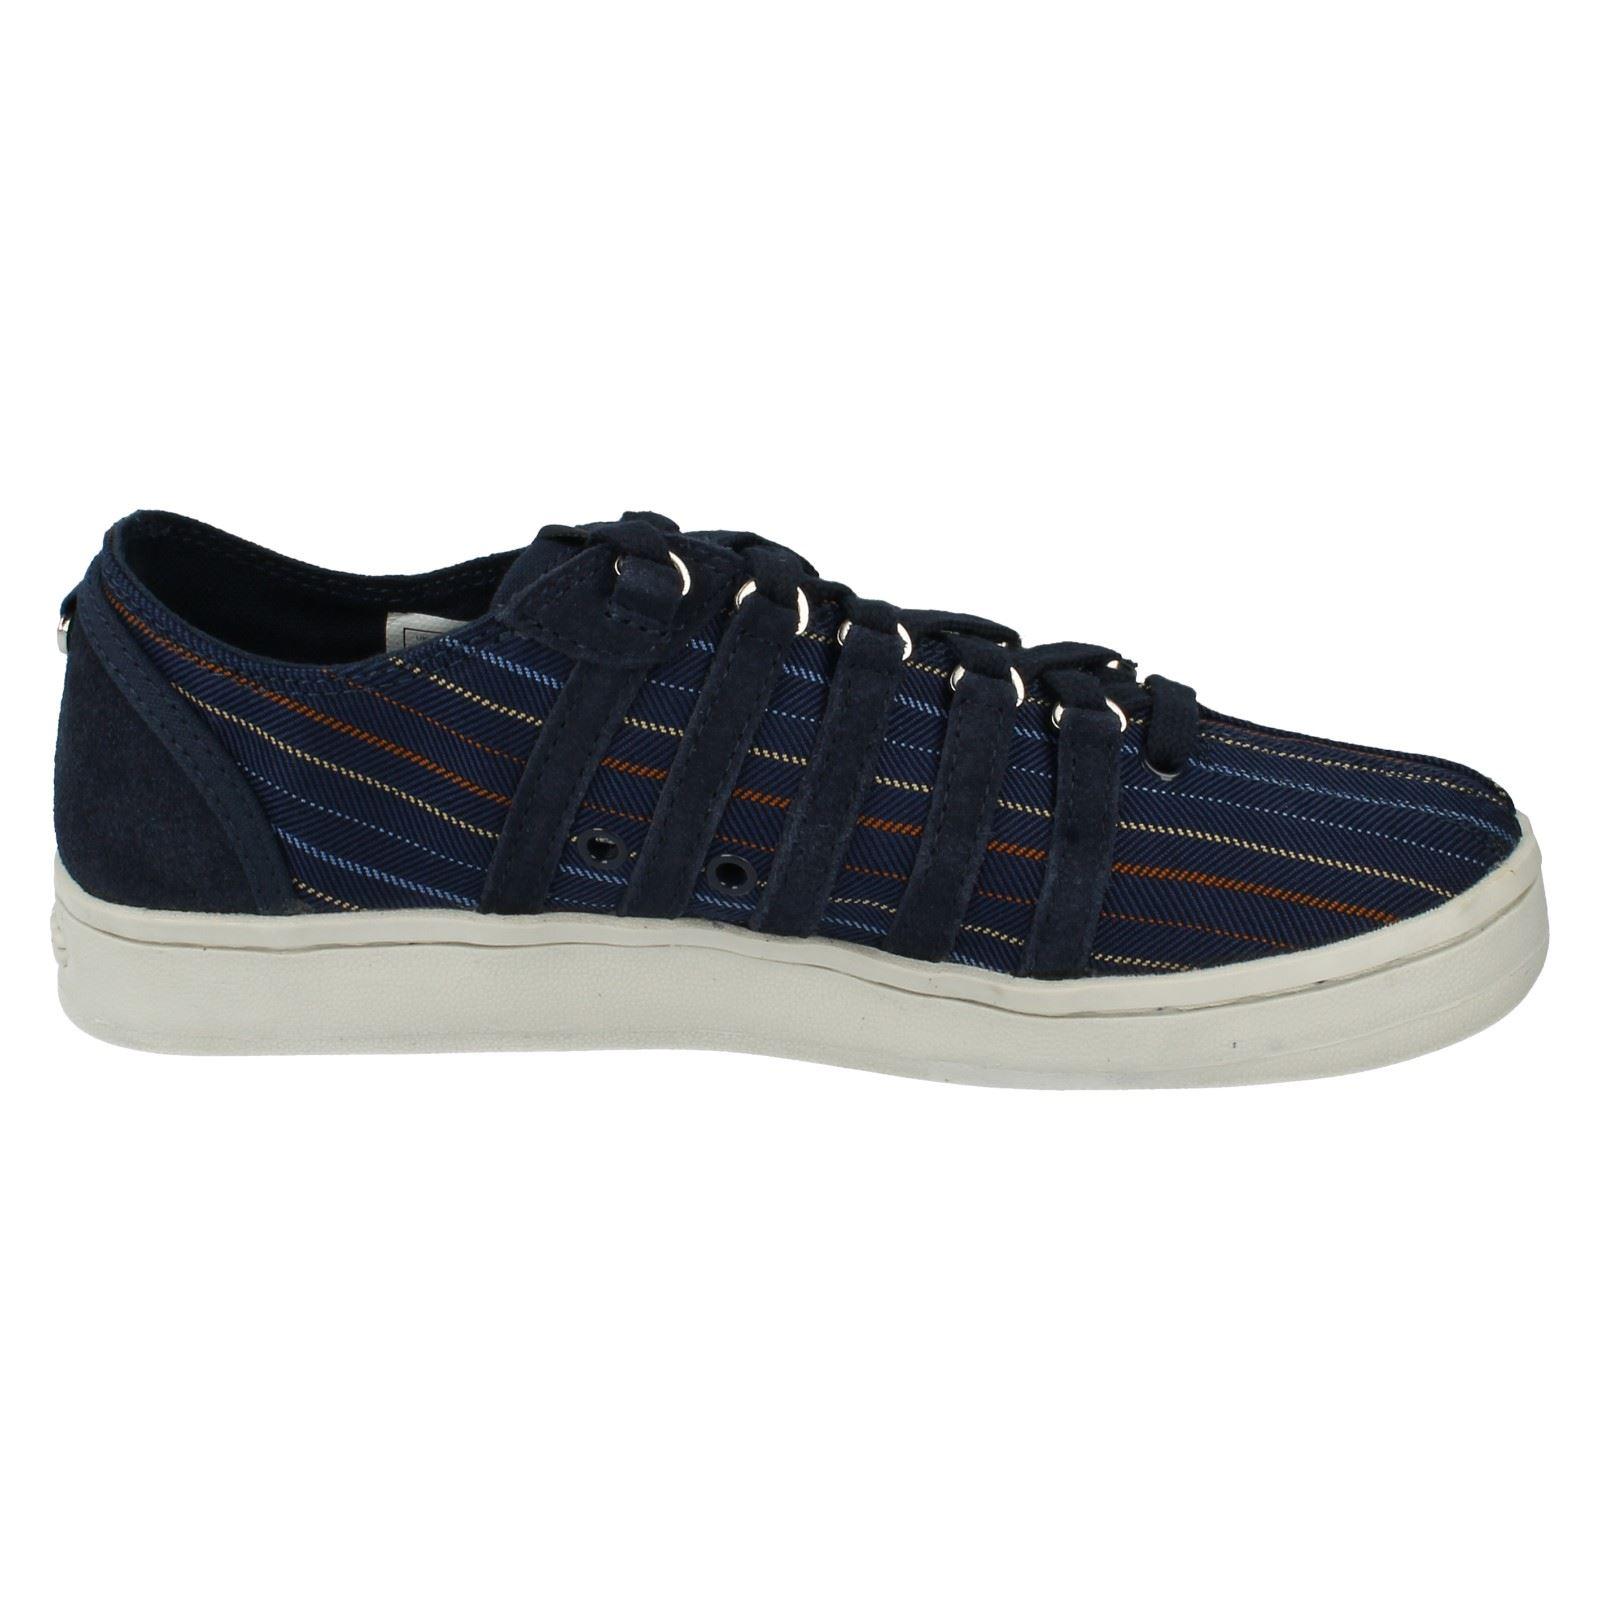 Para Hombre K-swiss Lona Zapatos el estilo-la colección Vintage Ca